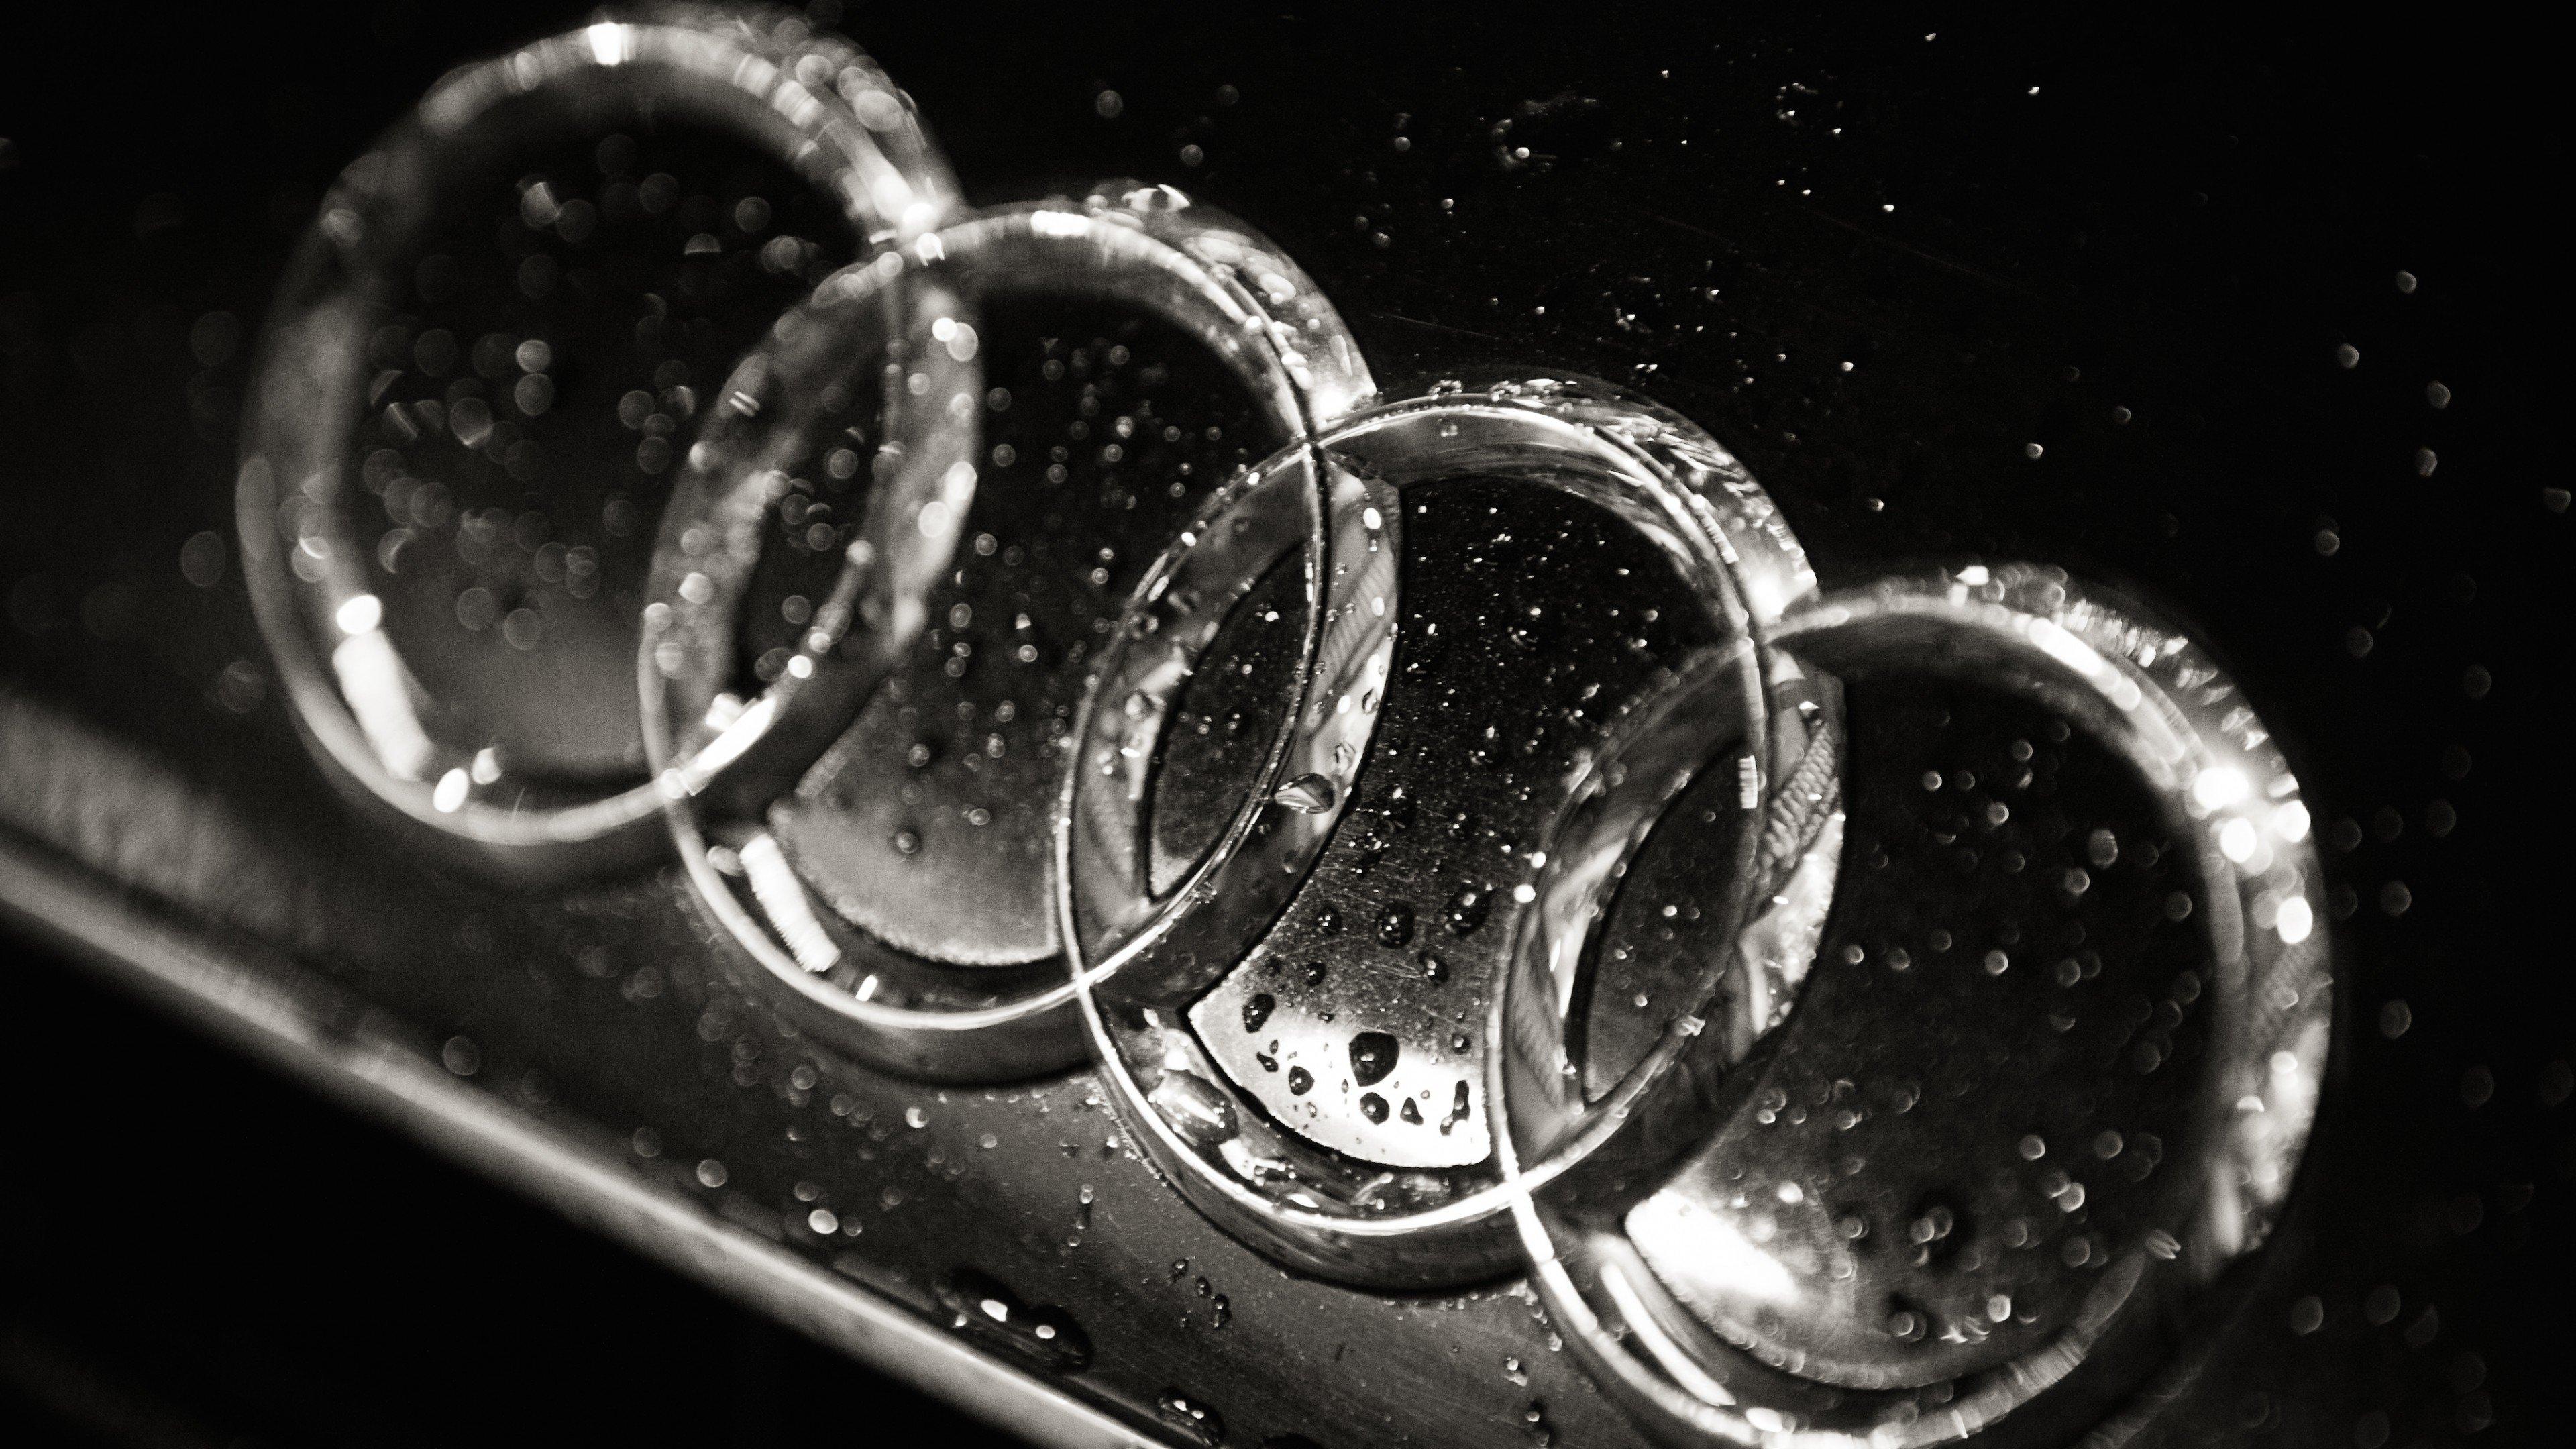 Audi 4k Wallpaper Wallpapersafari